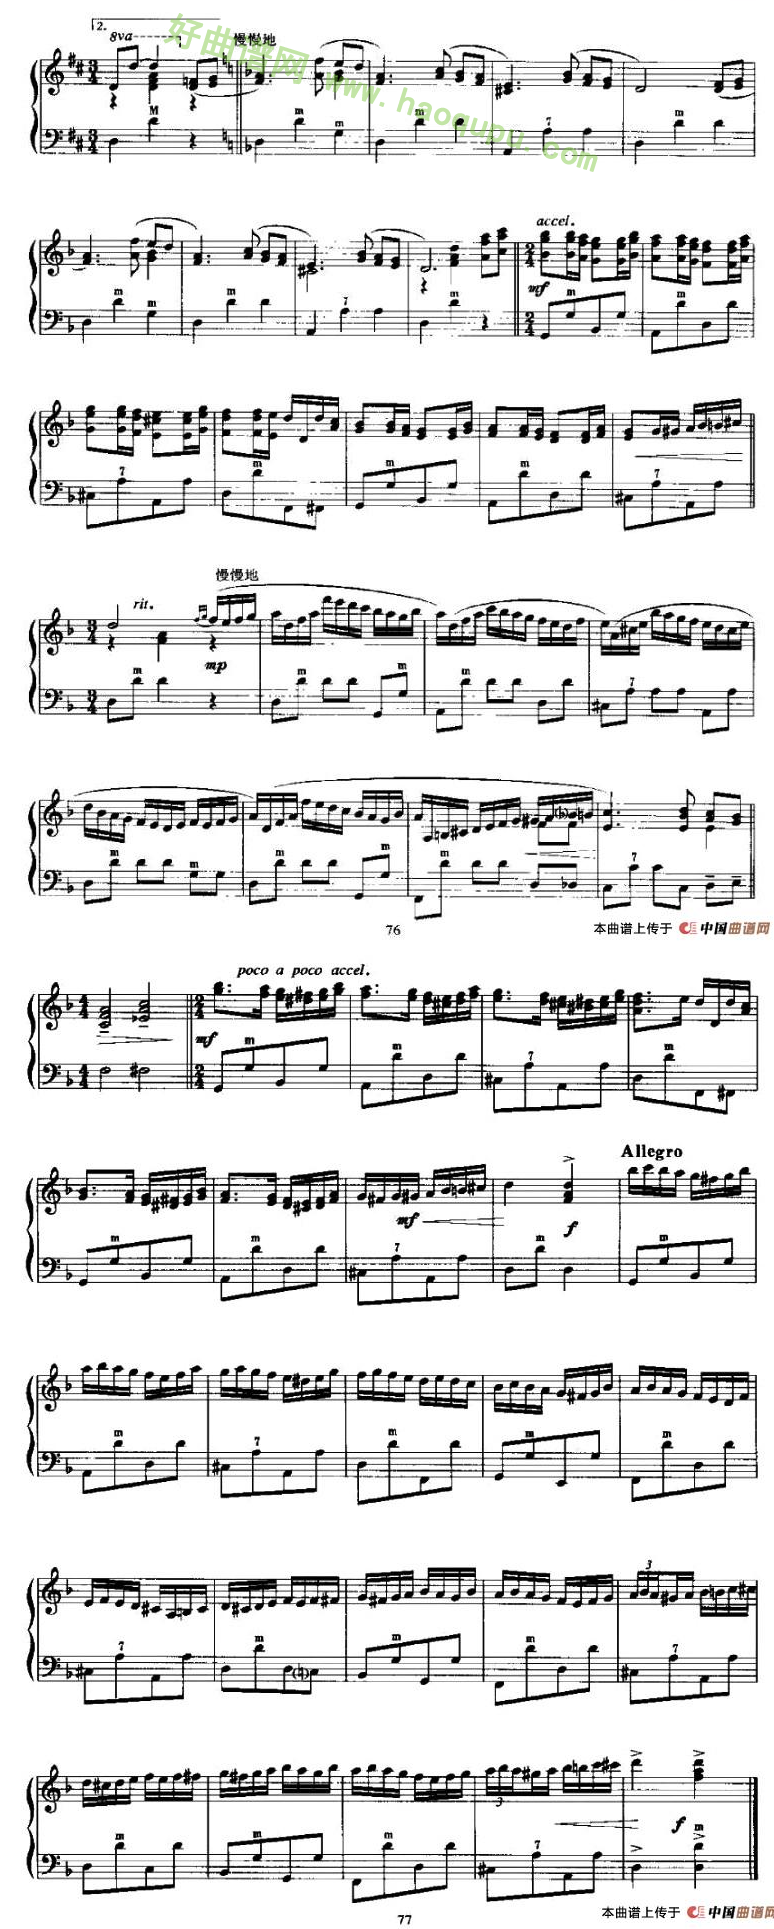 《依次地弹奏》 手风琴曲谱第2张